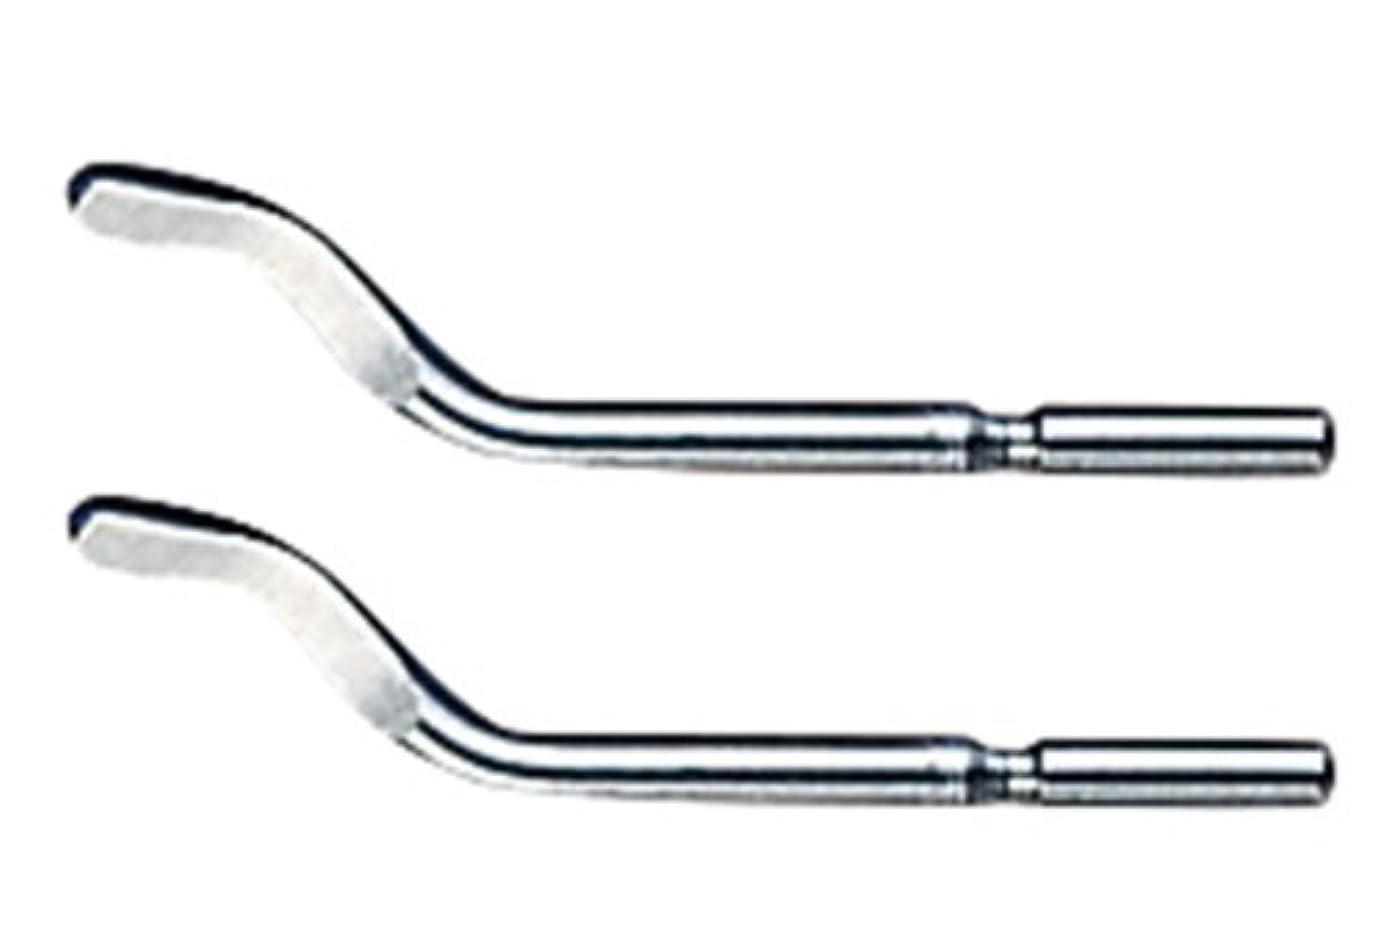 補体高さによってホーザン(HOZAN) プラスチック用替刃 銀色/両刃 2本入 適応:K-35 K-35-2